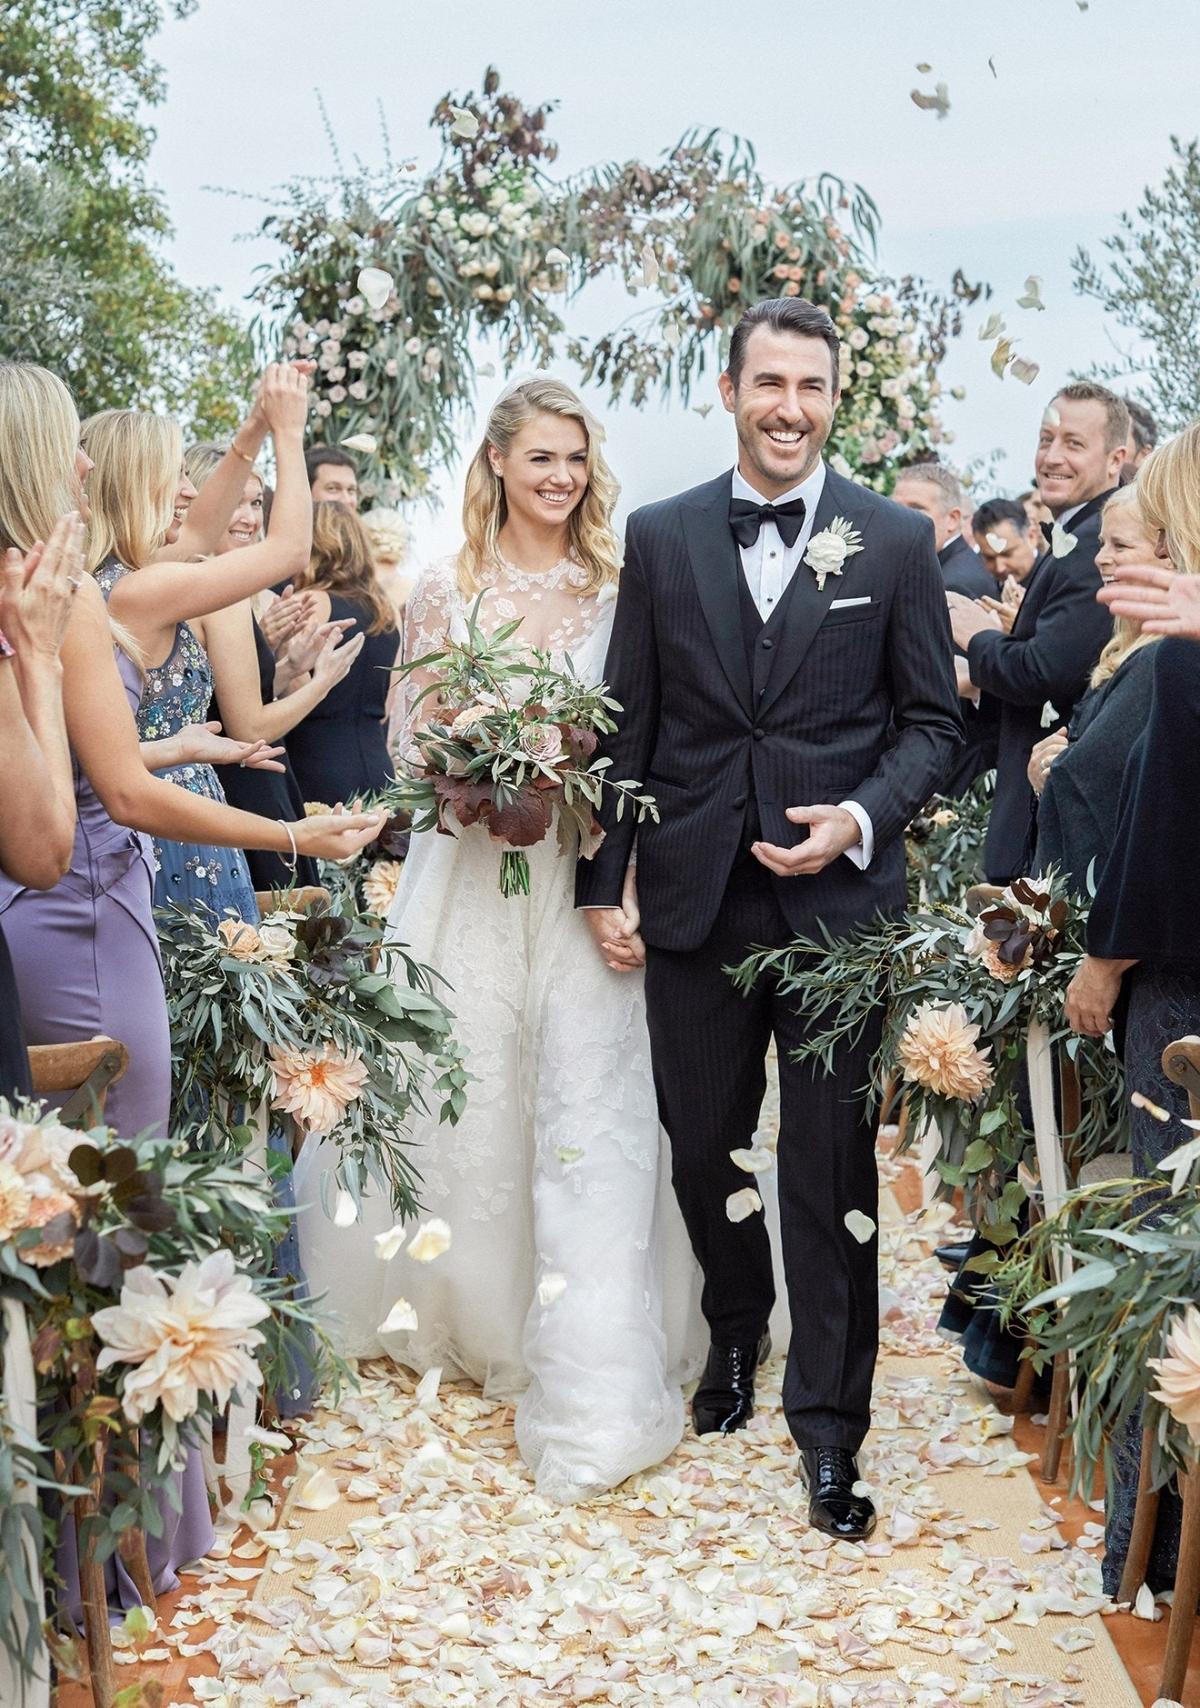 """Nàng mẫu Kate Uptonkết hôn với Justin Verlander, vận động viên ném bóng của Houston Astrostrong một đám cưới lãng mạn ở Tuscany.""""Tôi đã có một khoảng thời gian tuyệt vời để tạo ra câu chuyện thời trang cho ngày cưới của mình""""Upton chia sẻ Vogue.""""Đối với trang phục dự lễ của mình, tôi rất vui được hợp tác với đội ngũ tuyệt vời tại Valentino.Họ là những người giỏi nhất trong việc tạo ra các chi tiết và ren tinh tế, đẹp mắt, và di sản Ý của họ đã giữ cho thời trang và cảm giác chân thực cho địa điểm của chúng tôi""""."""